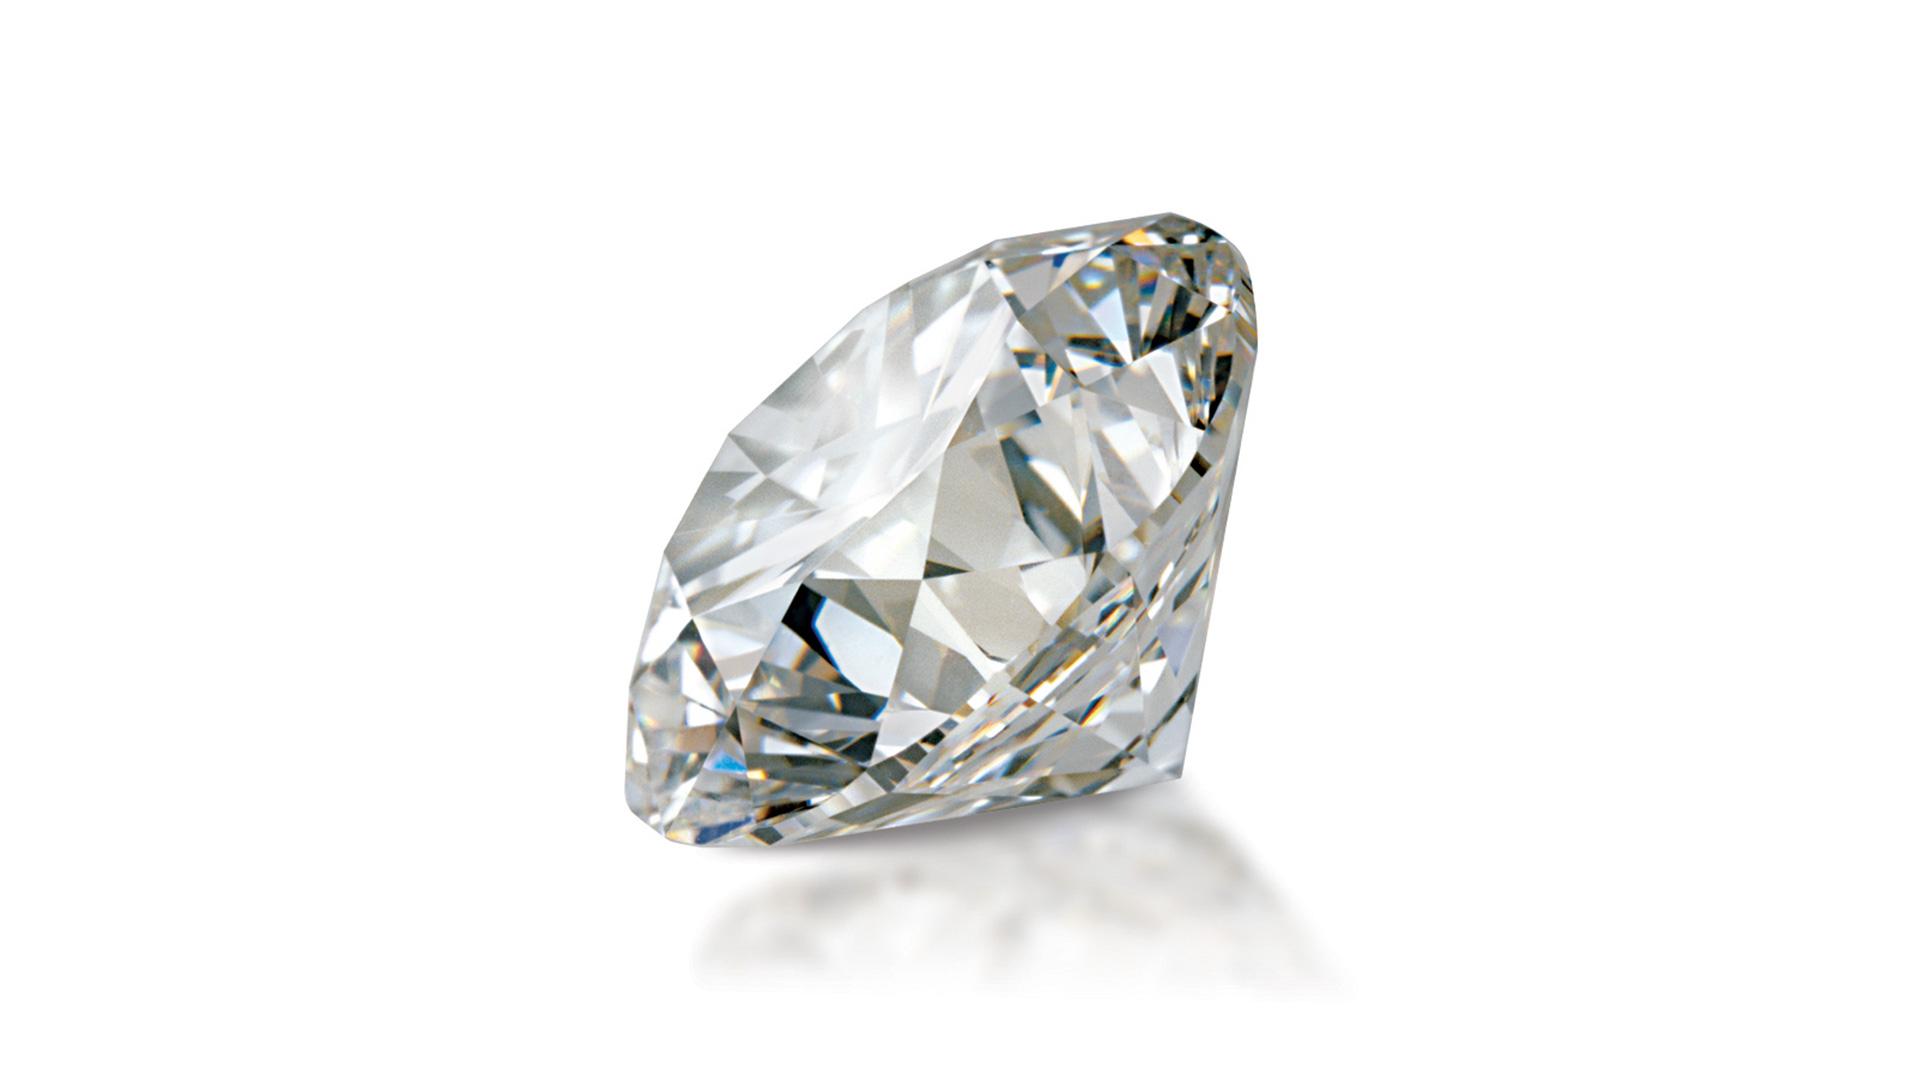 Gia Ring Appraisal